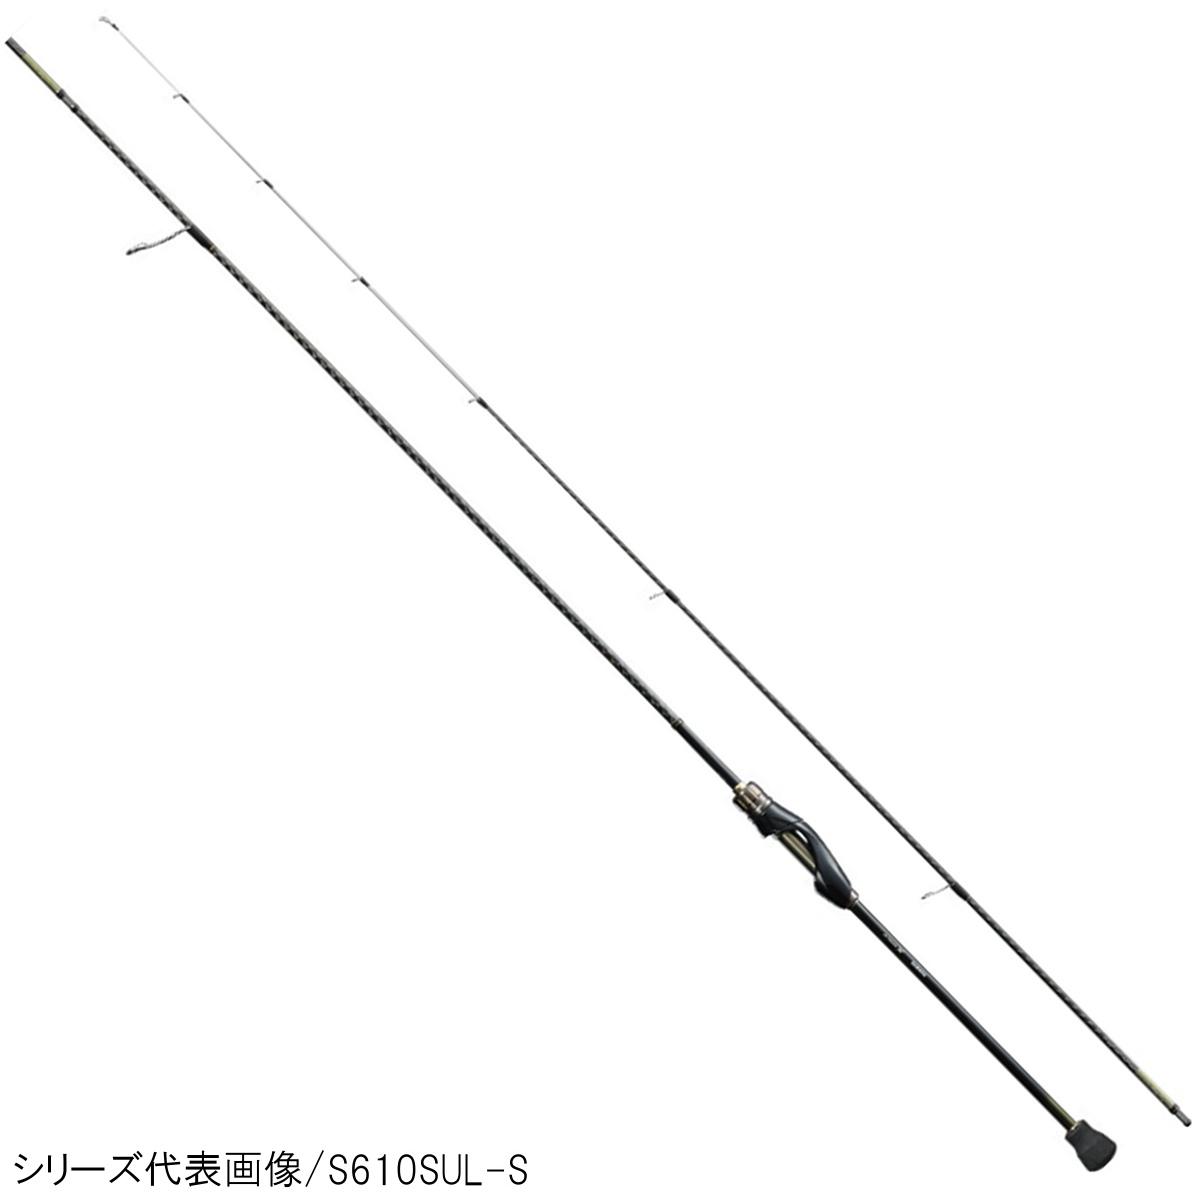 シマノ ソアレ SS アジング S610L-S【送料無料】